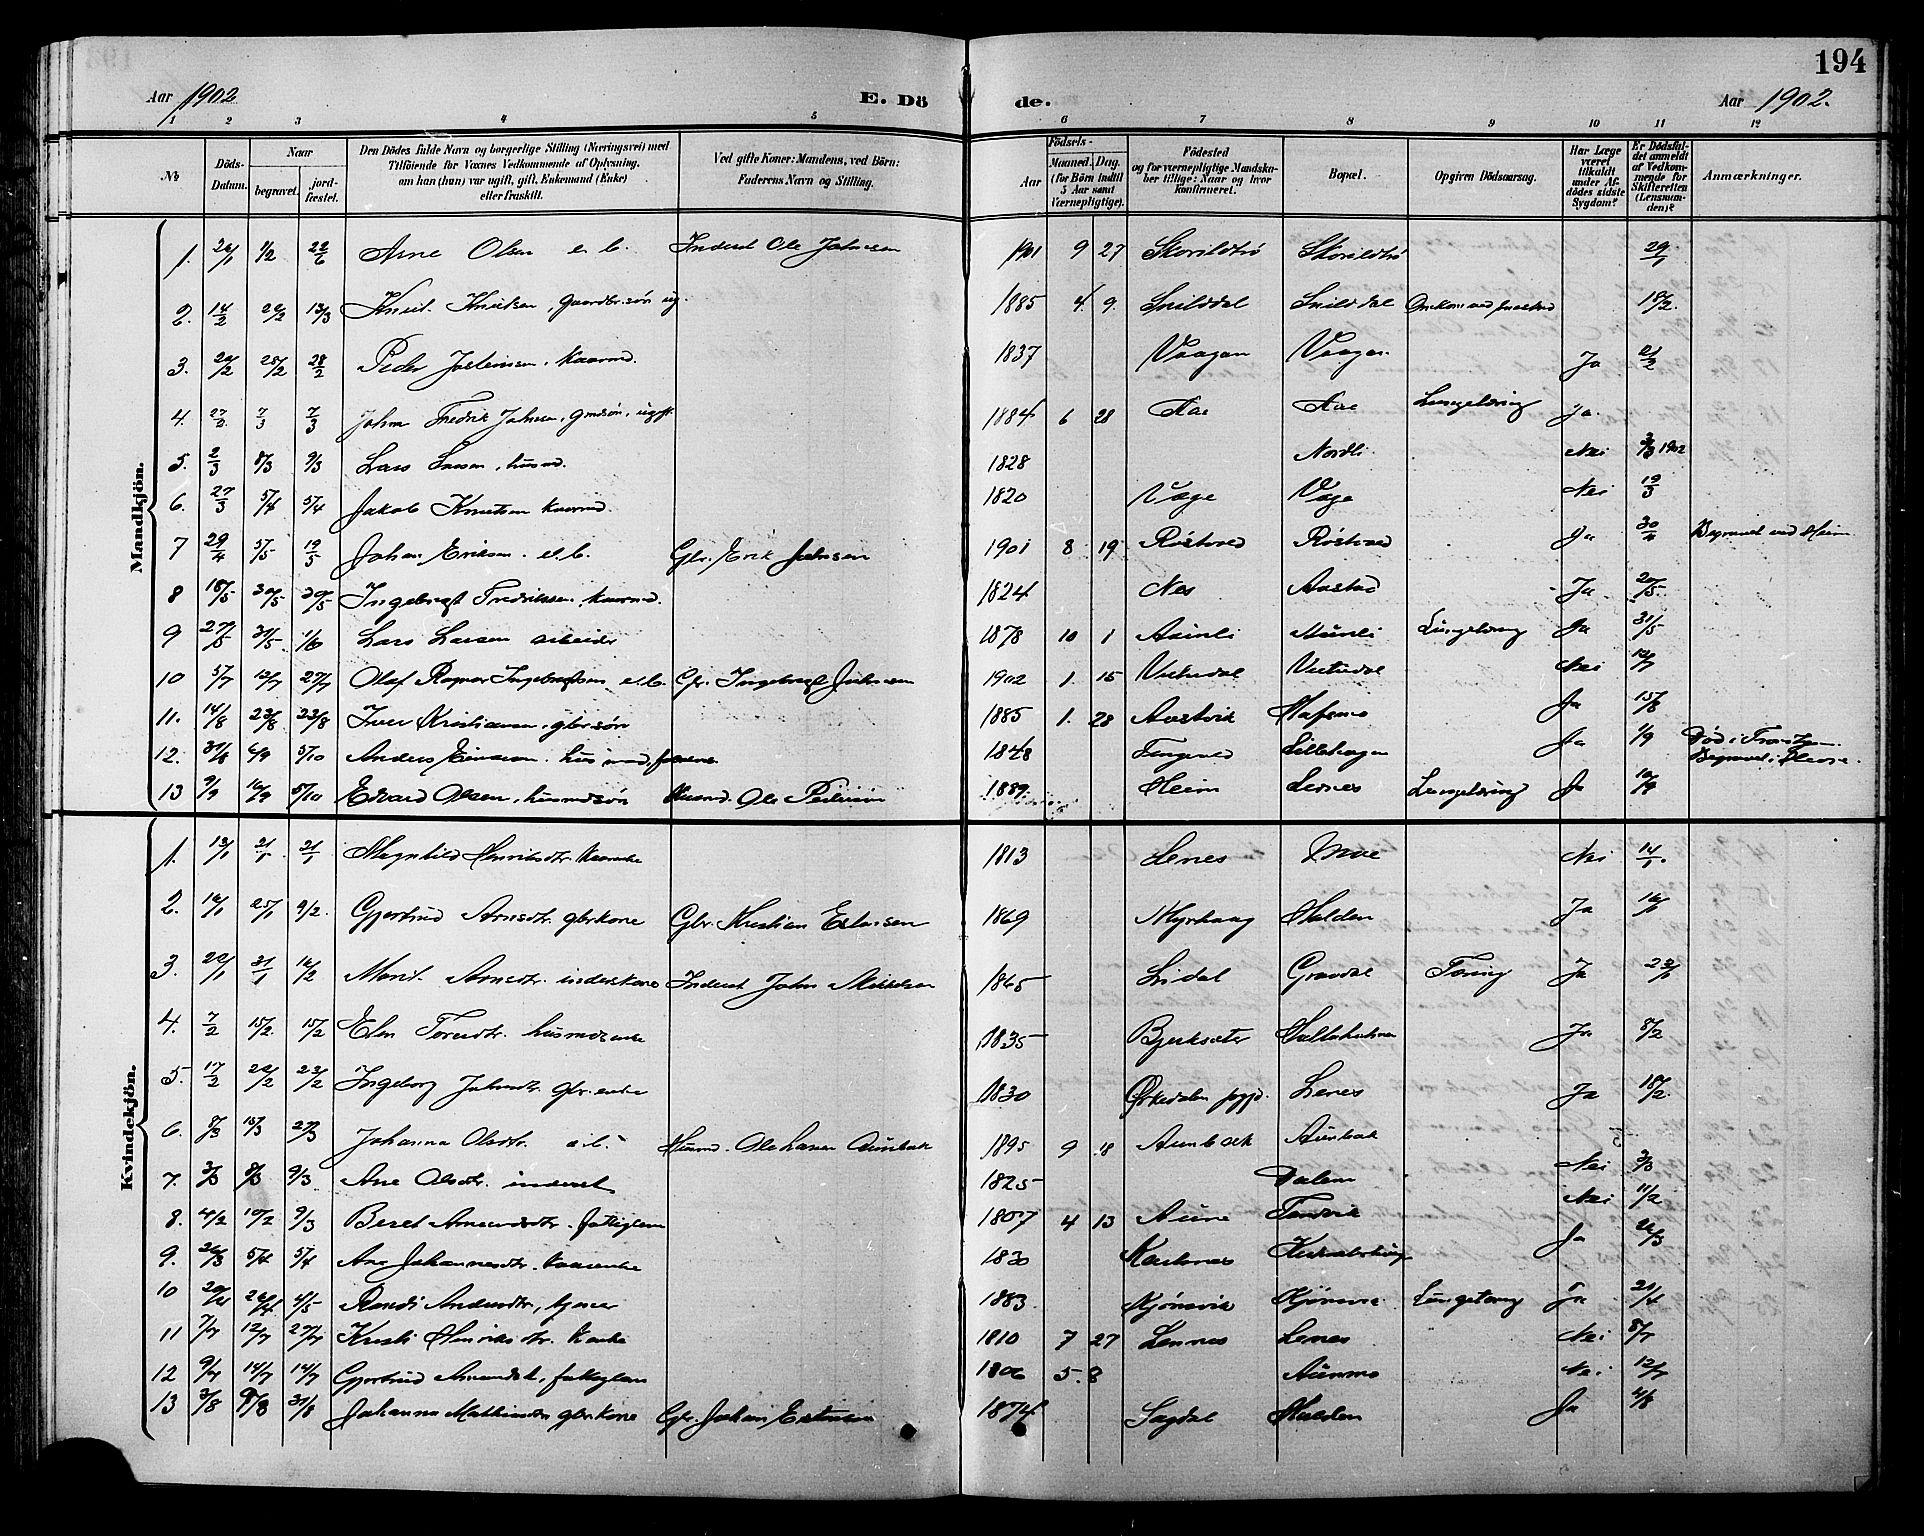 SAT, Ministerialprotokoller, klokkerbøker og fødselsregistre - Sør-Trøndelag, 630/L0505: Klokkerbok nr. 630C03, 1899-1914, s. 194